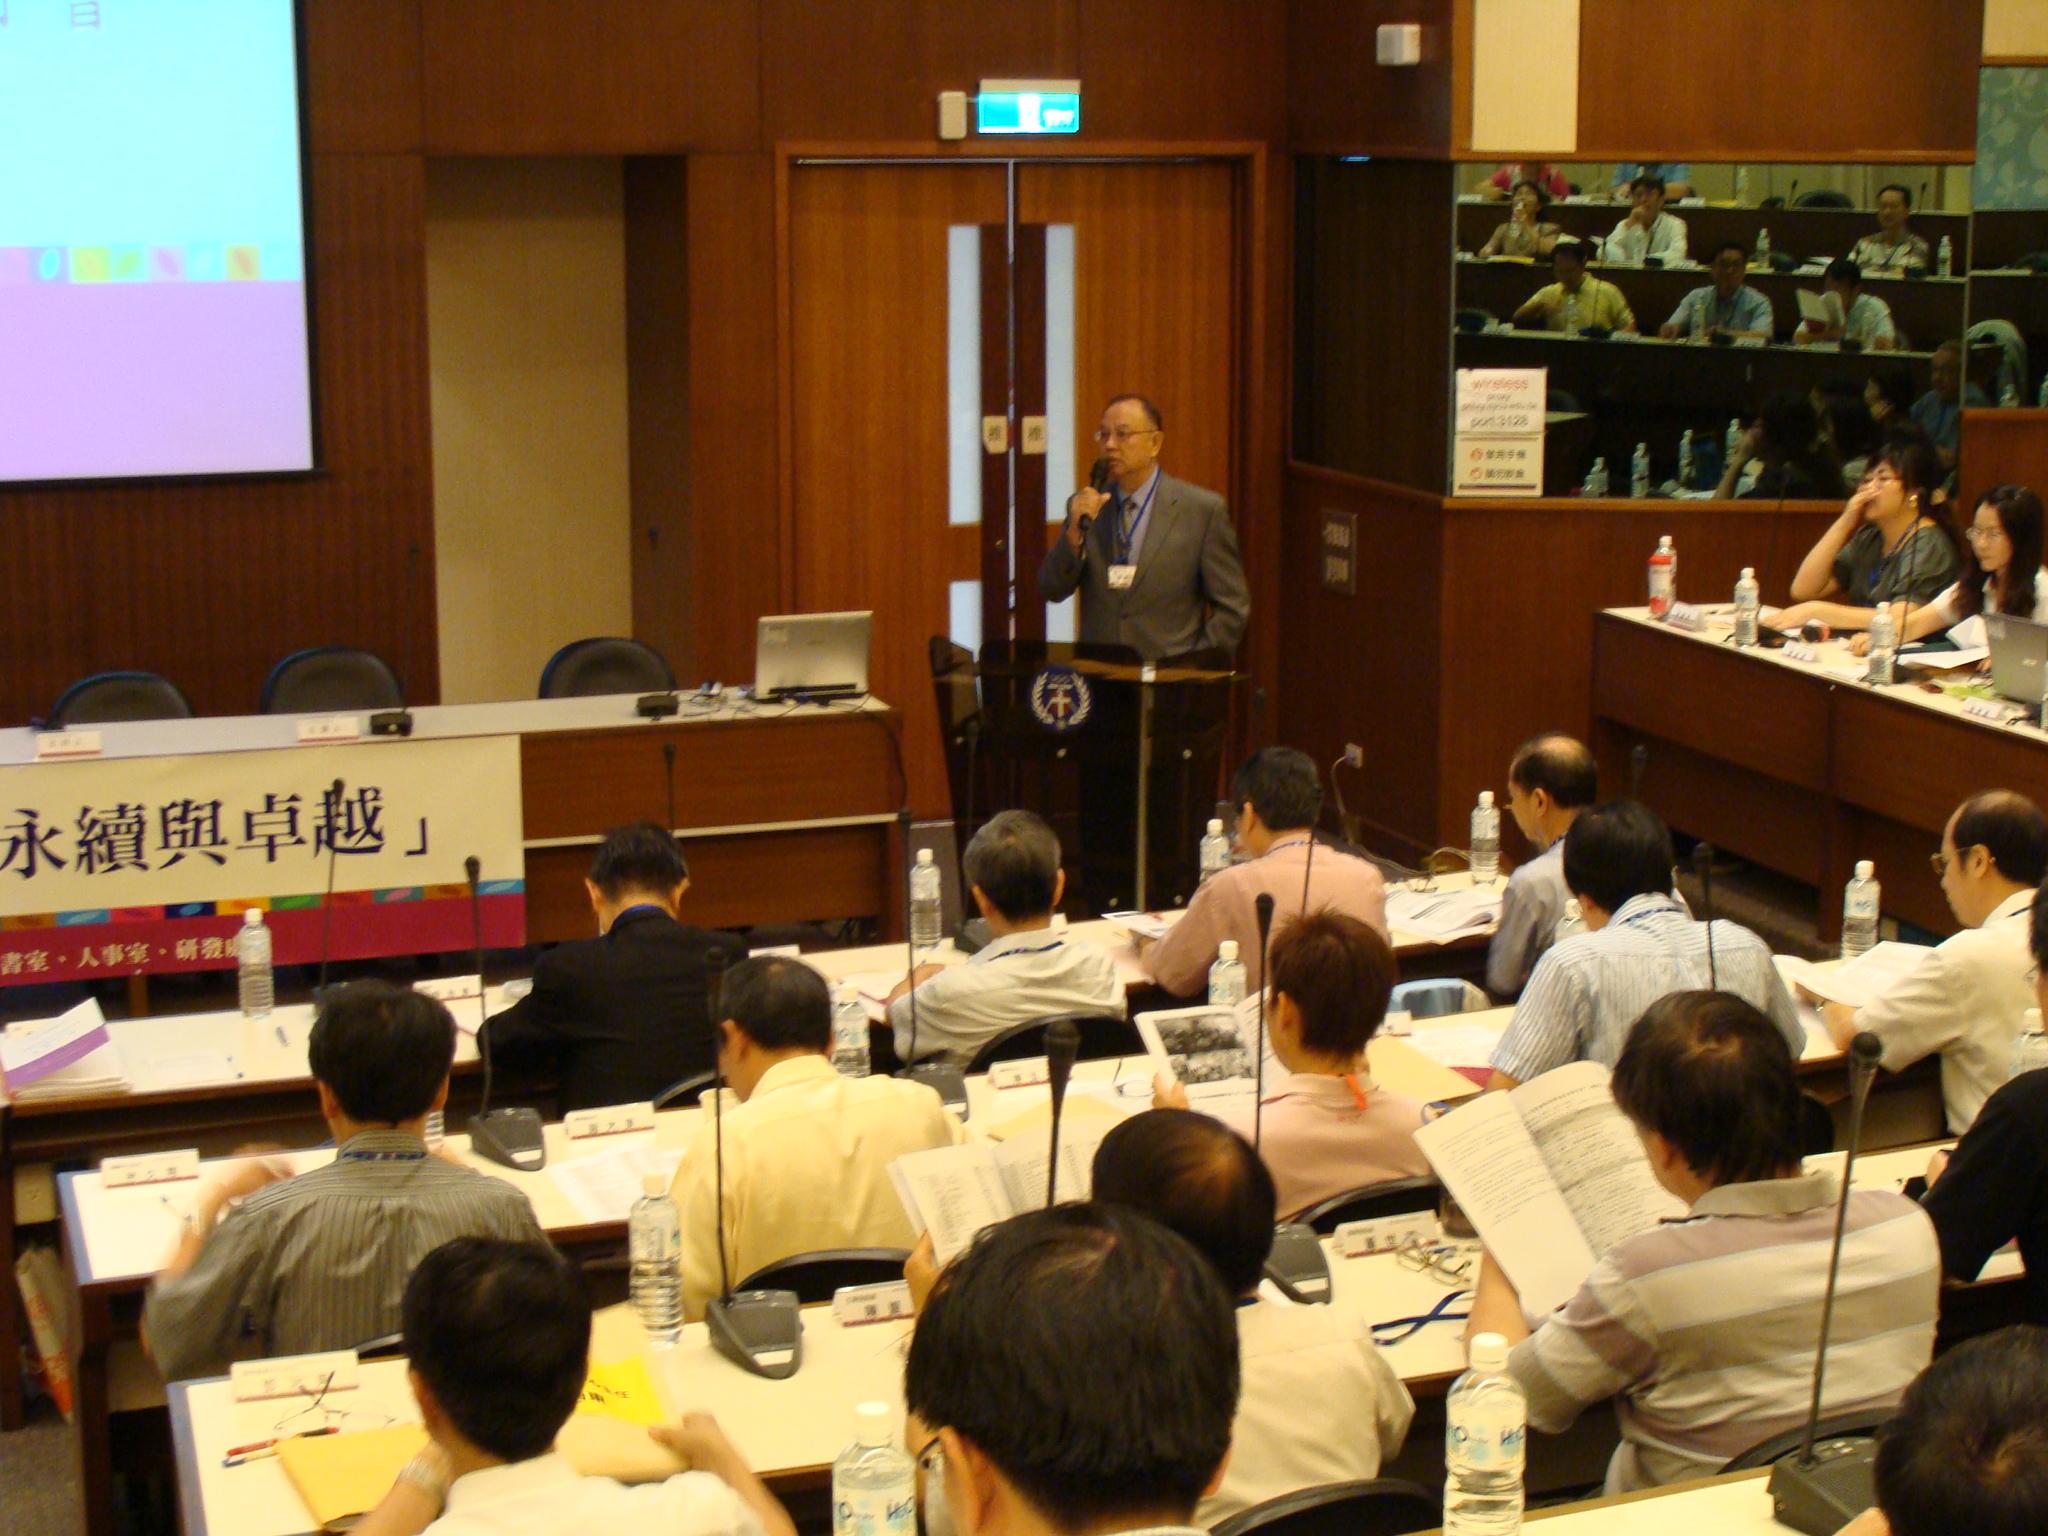 追求永續與卓越 中原大學召開主管研討會